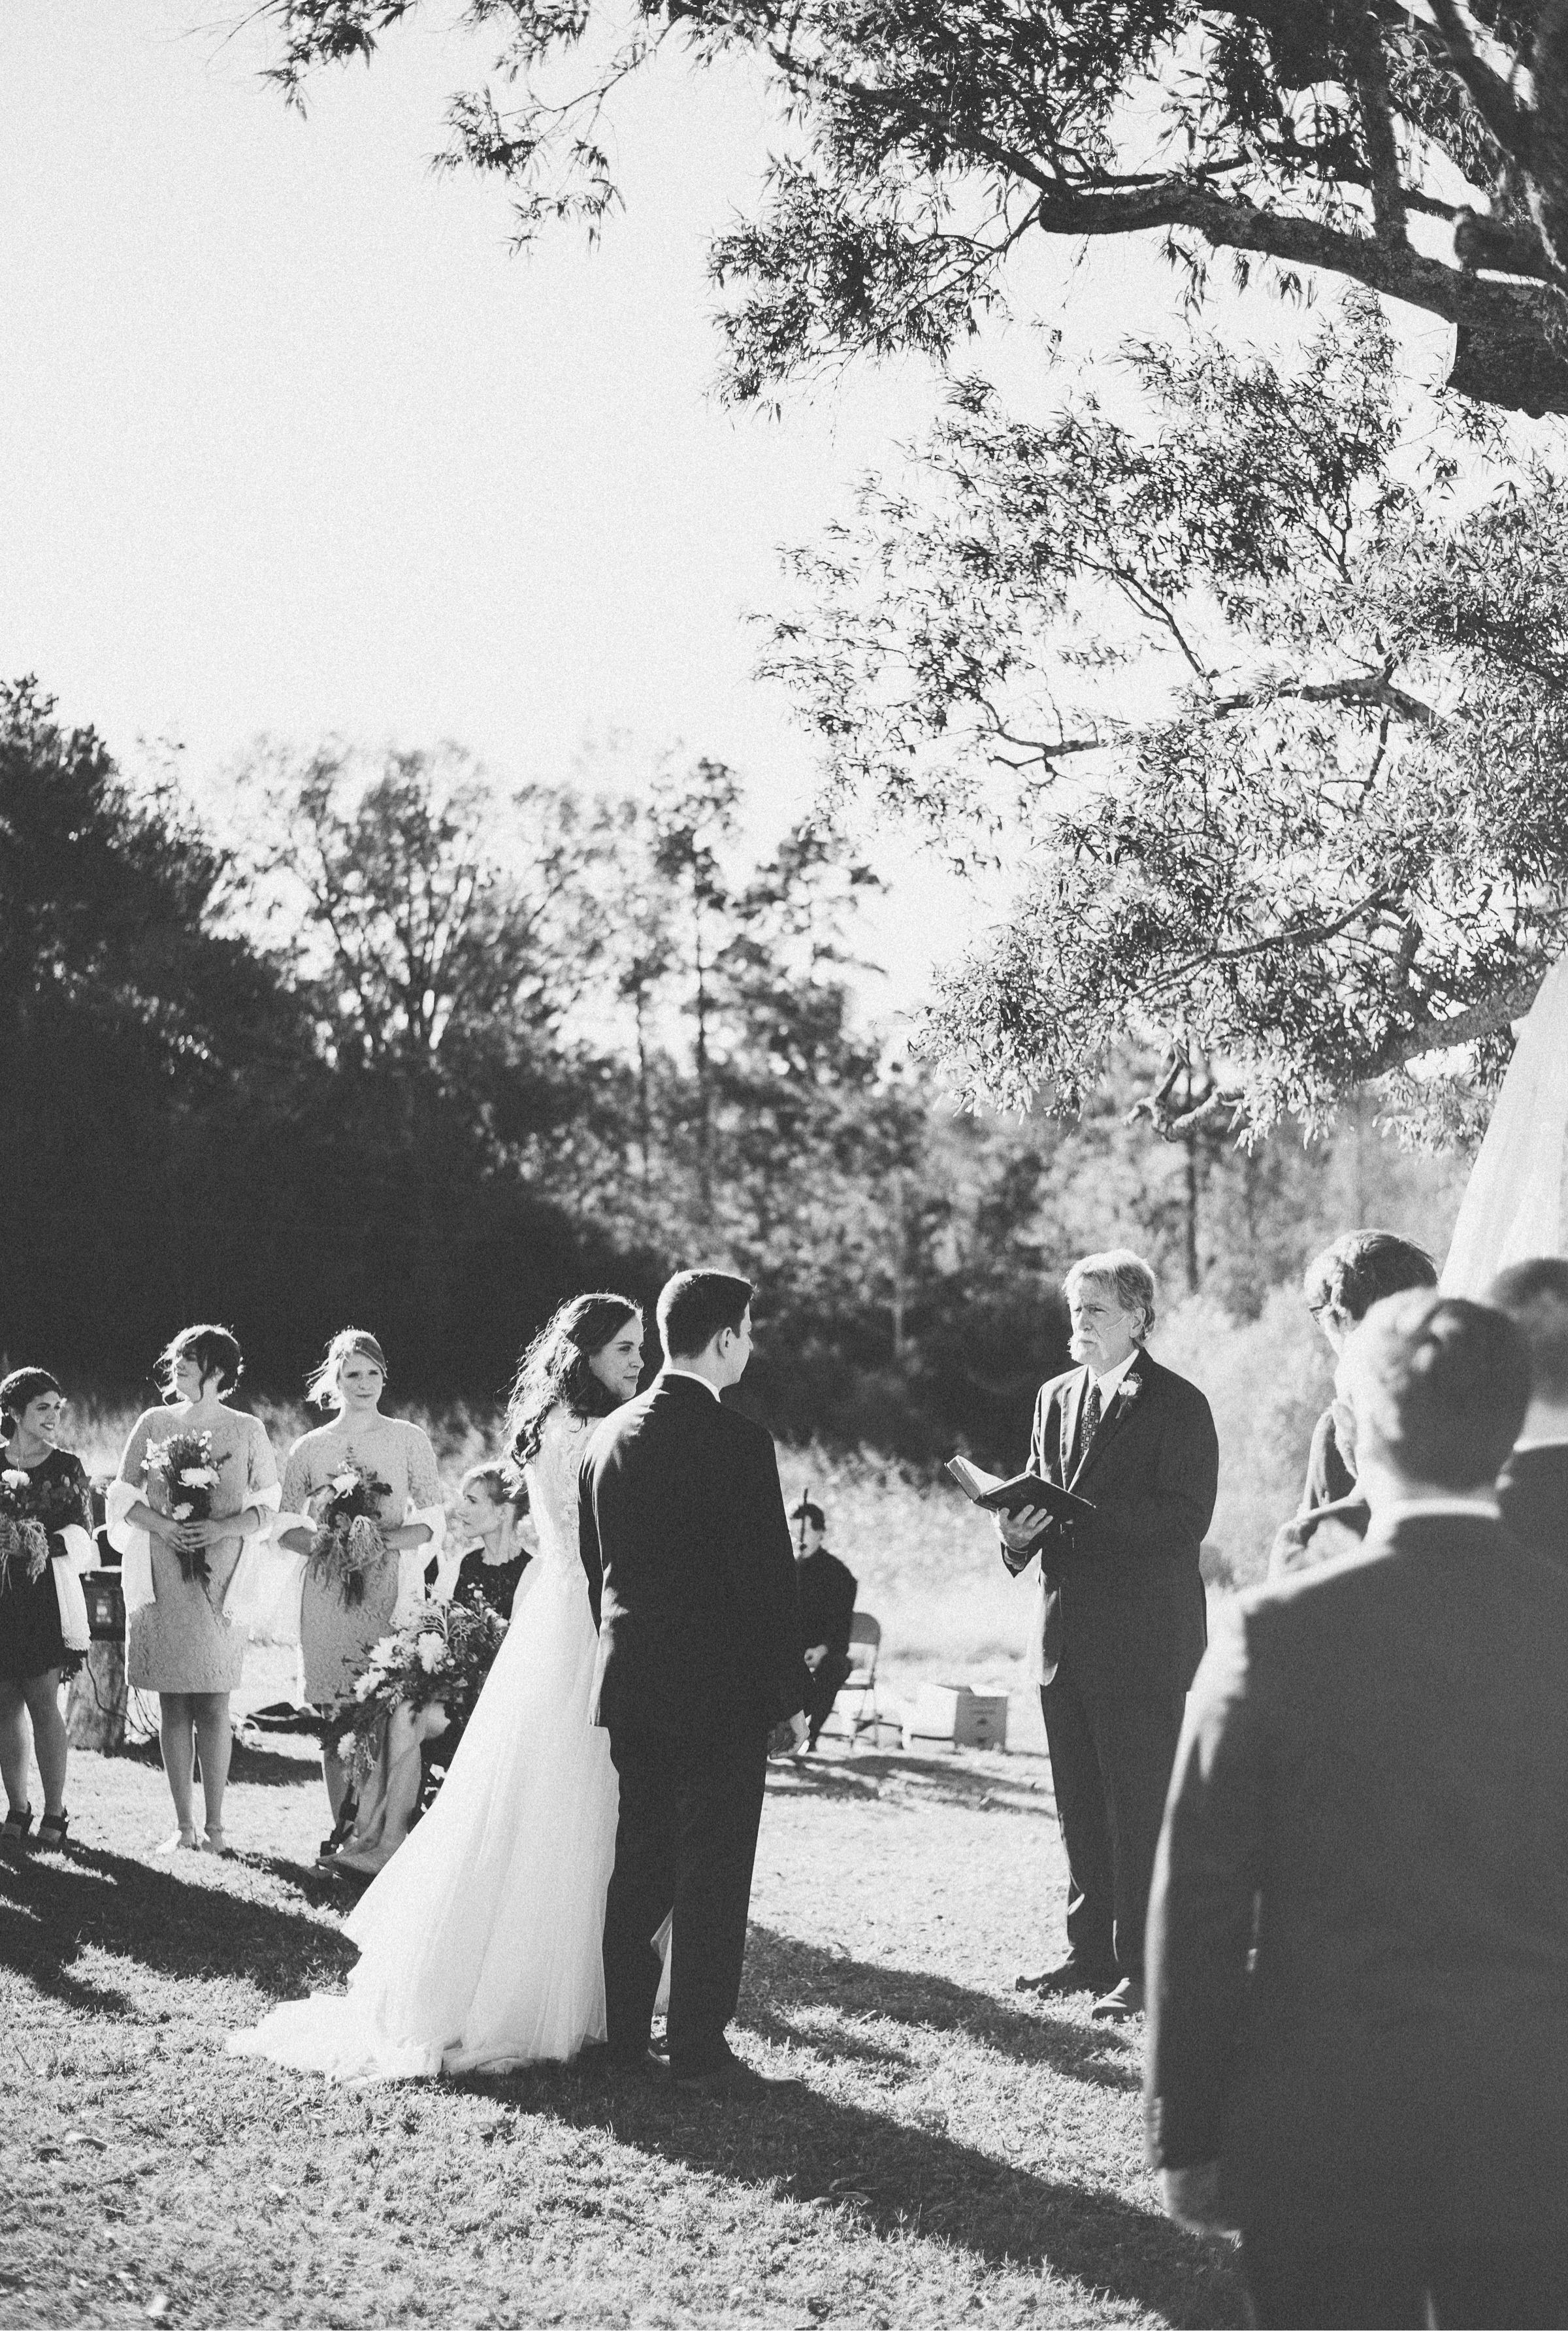 Stewart Wedding 27.jpg